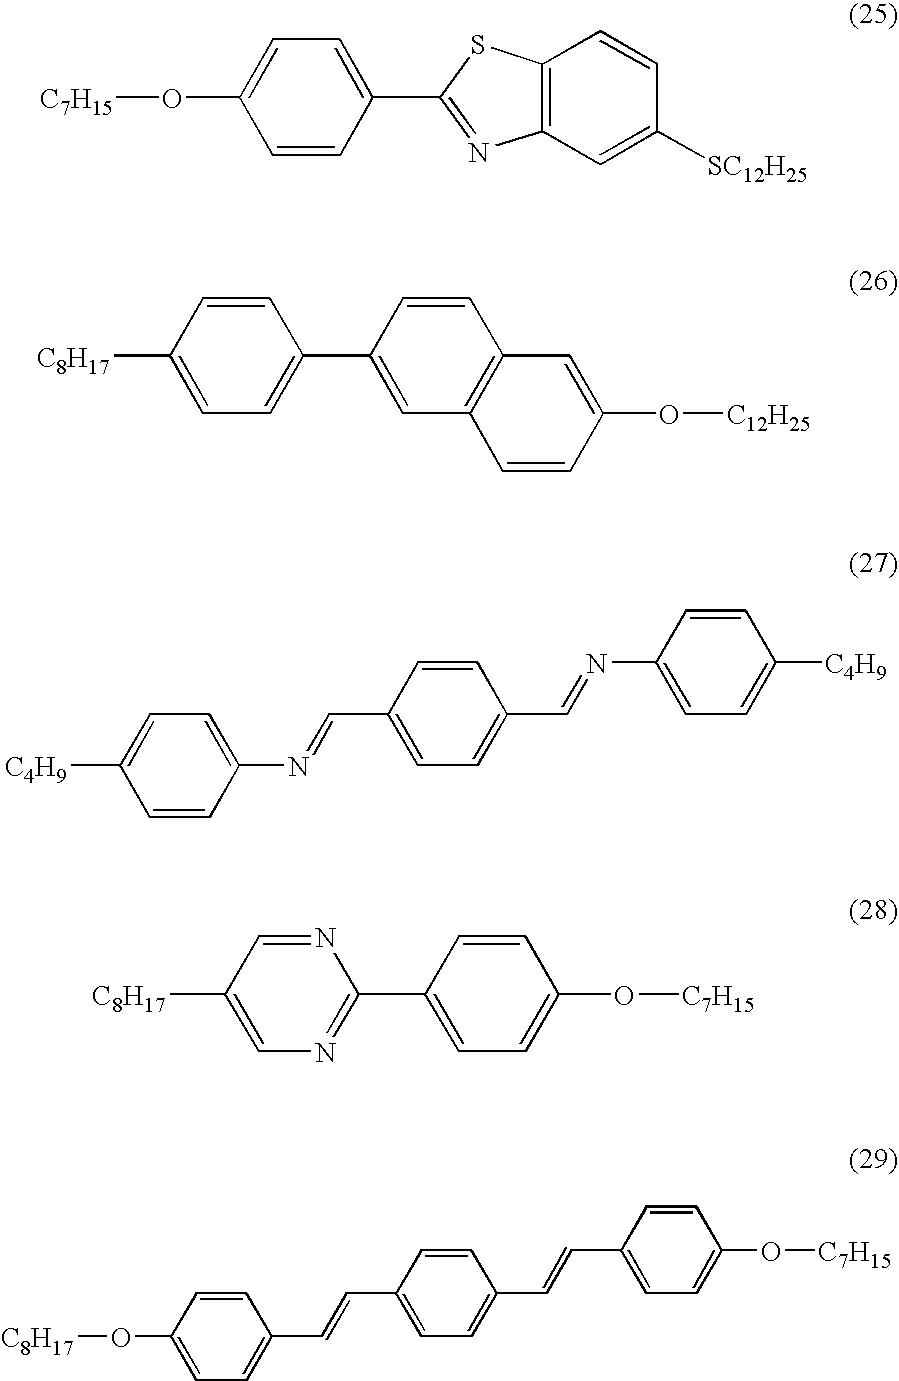 Figure US20060246643A1-20061102-C00004